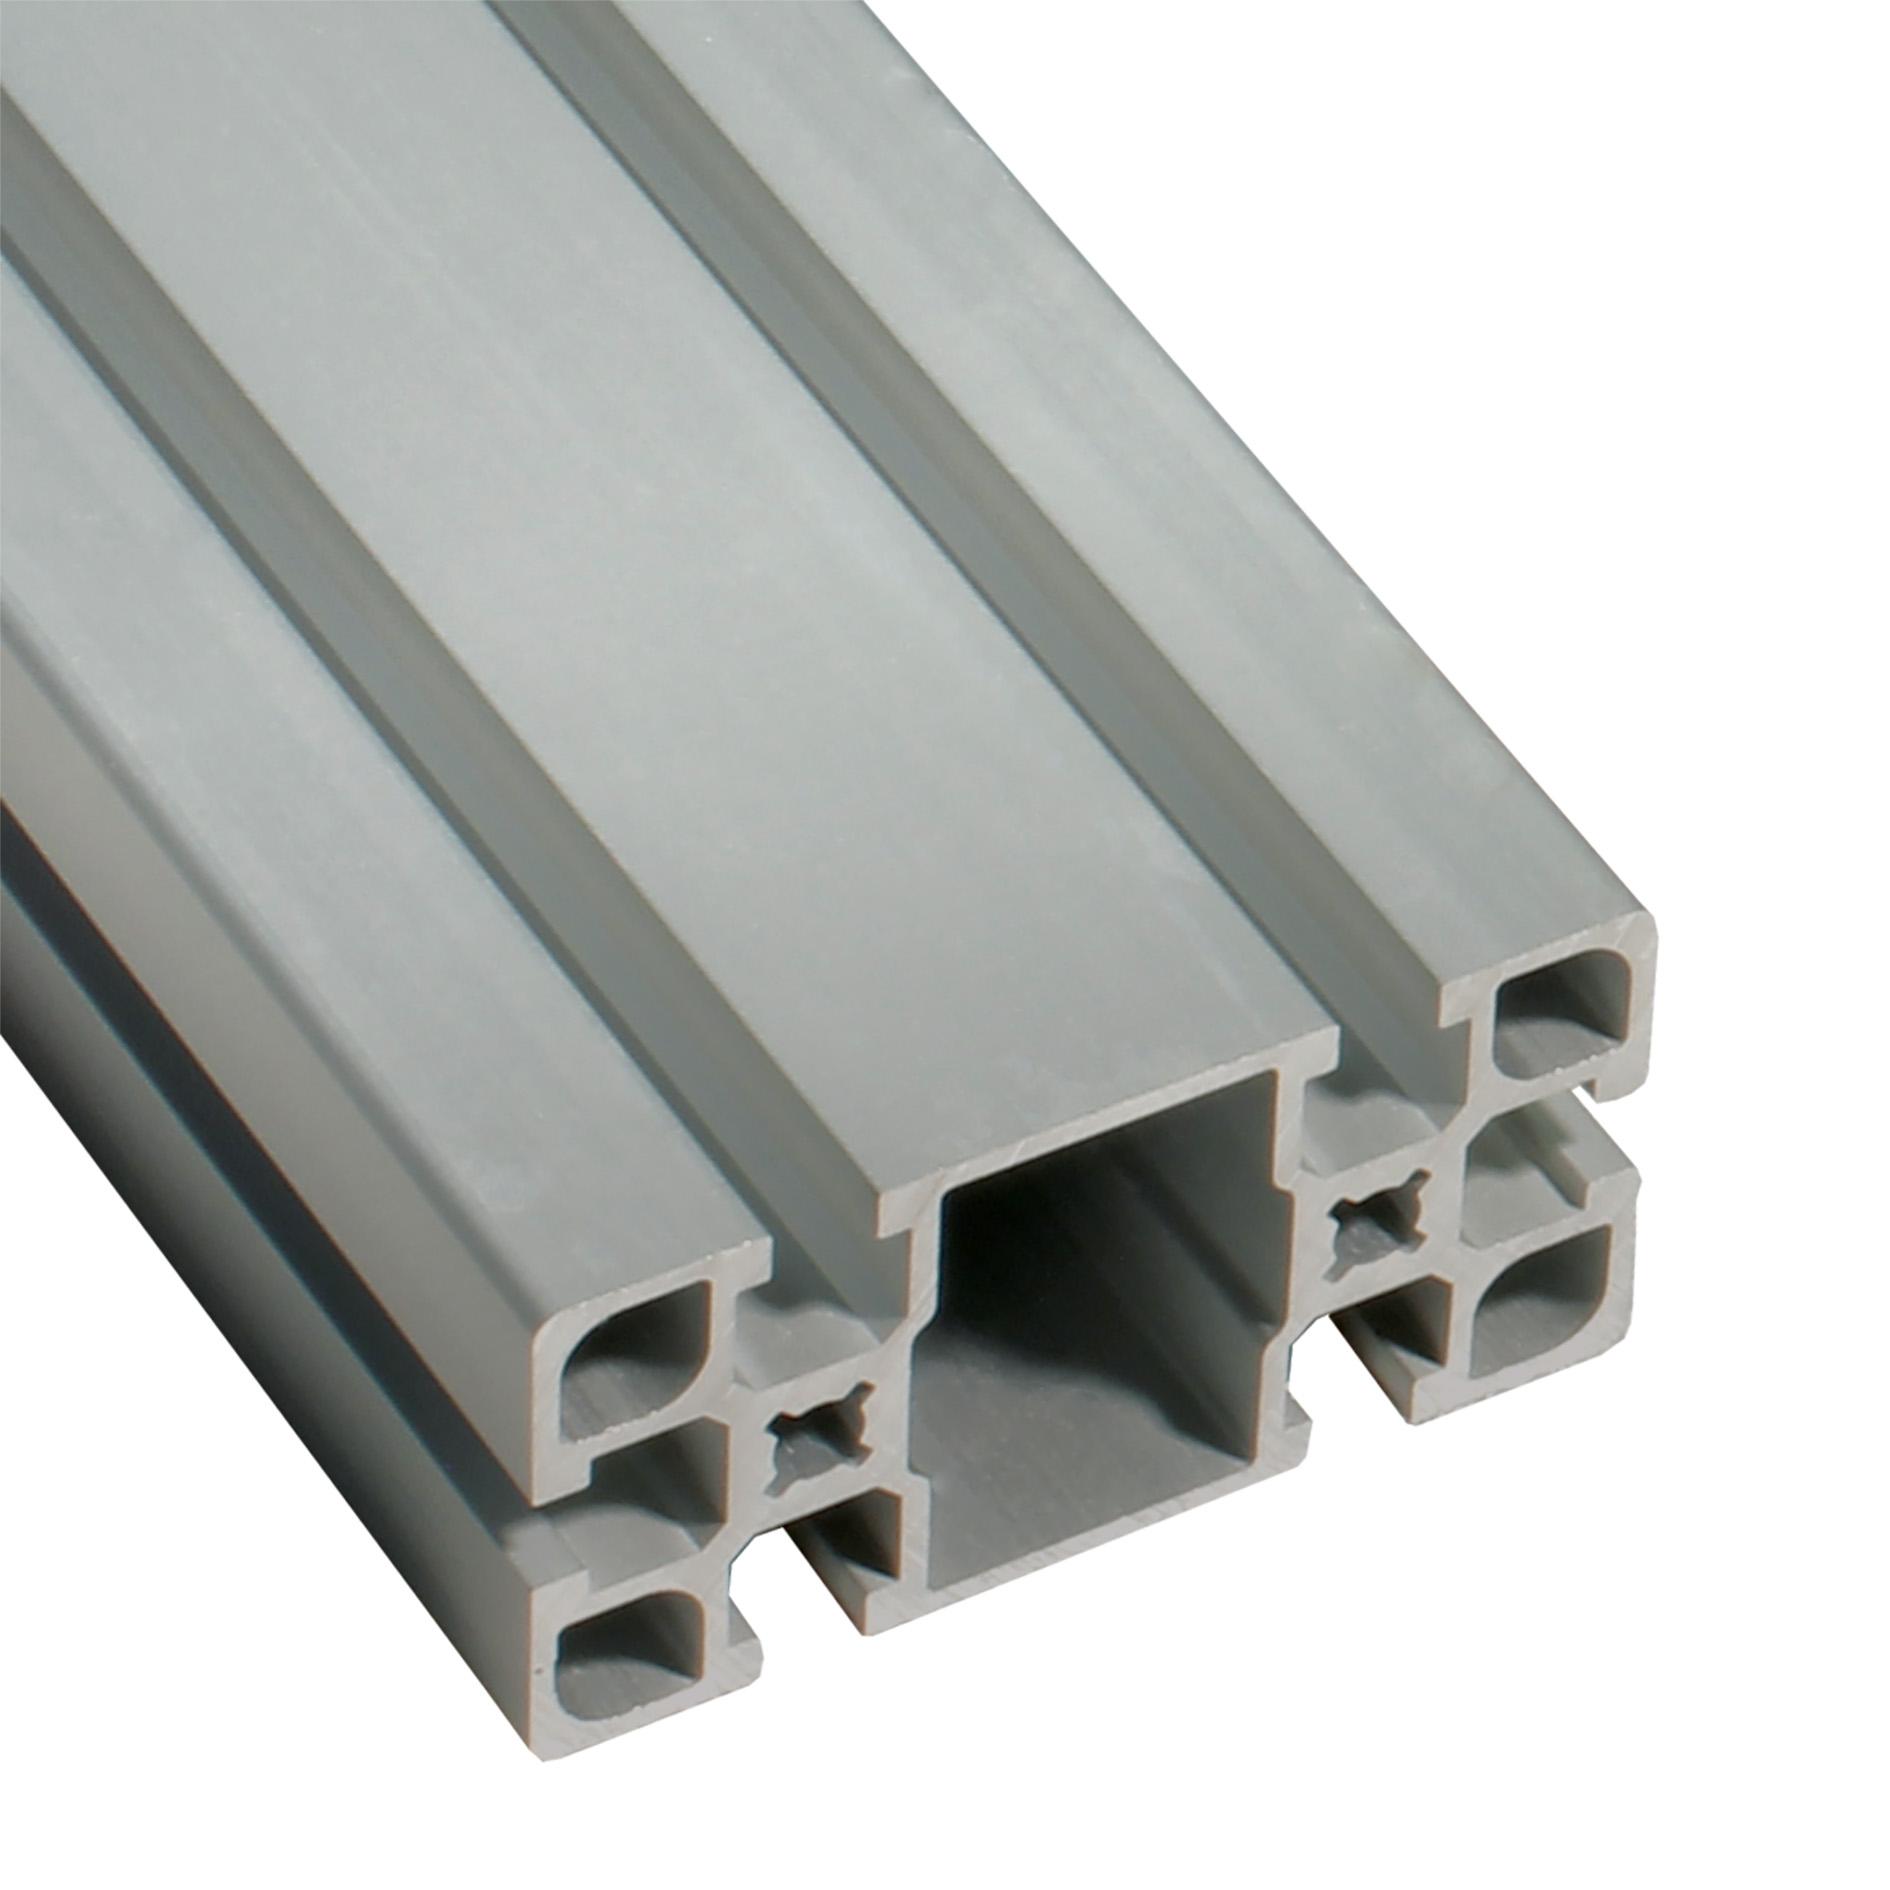 profil aluminium standard composants m caniques. Black Bedroom Furniture Sets. Home Design Ideas